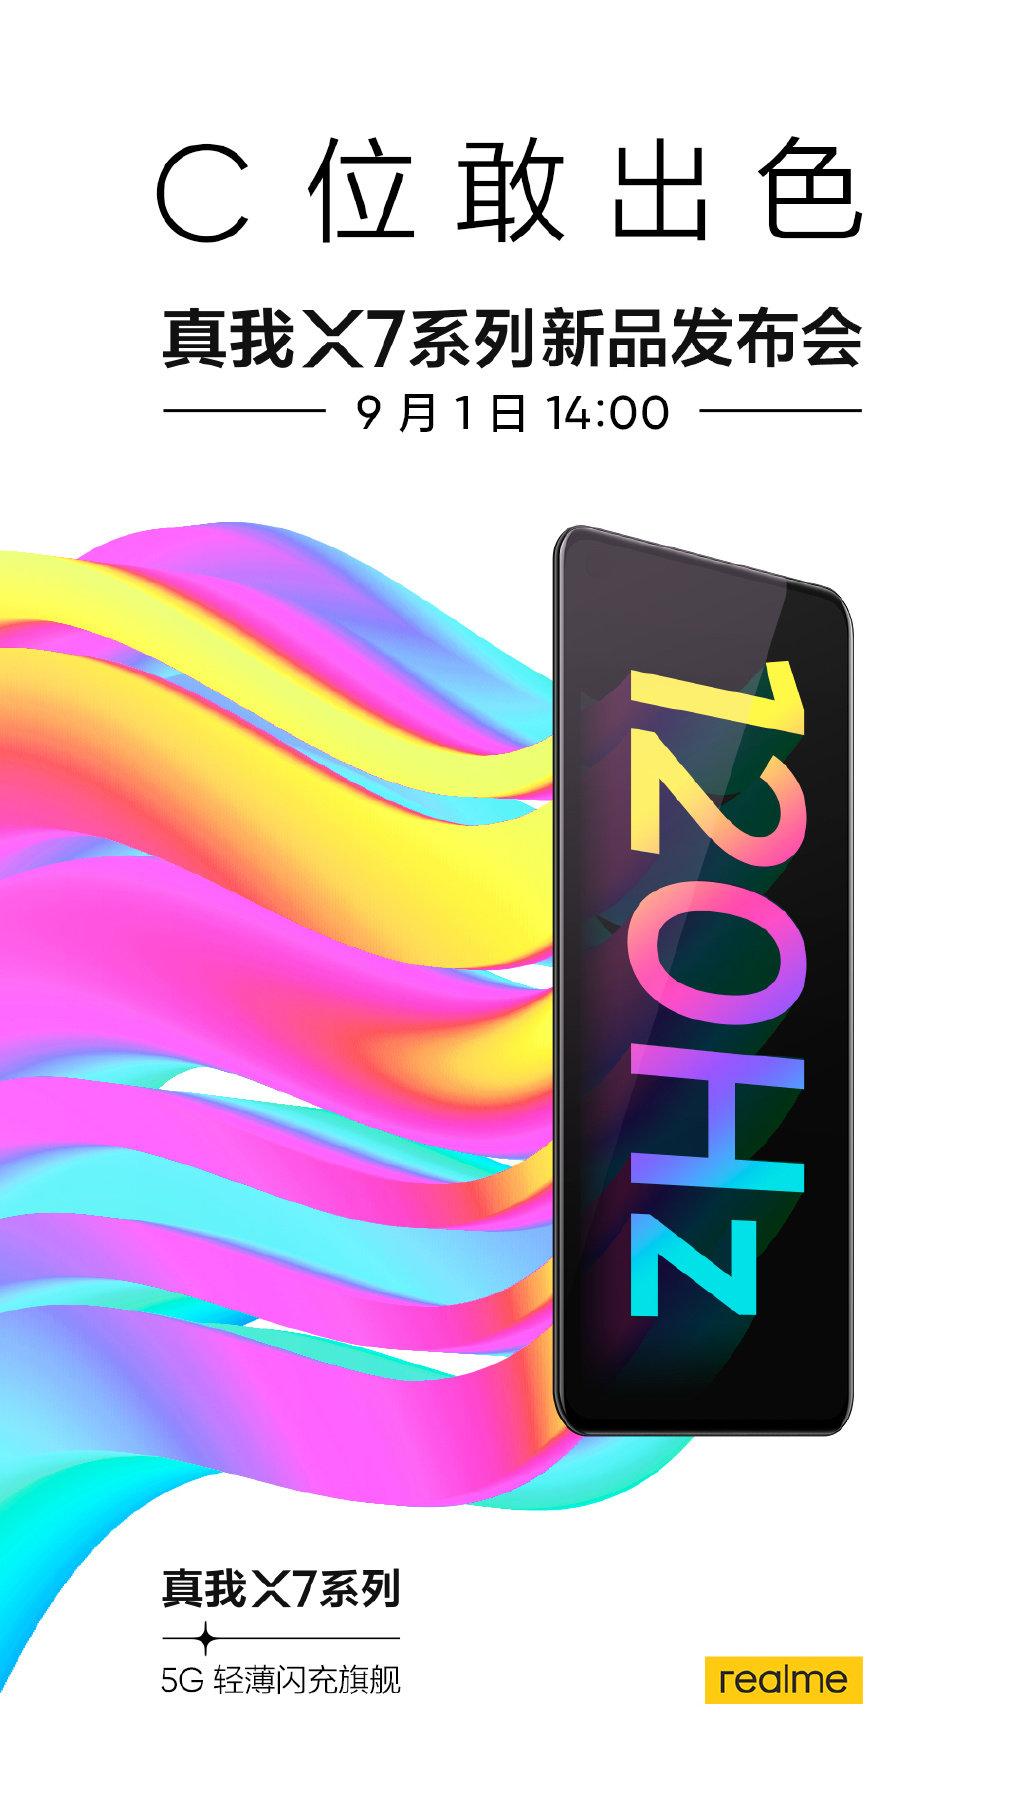 realme X7 系列超窄下巴公布,或采用天玑 1000+ - 热点资讯 每日推荐 第3张